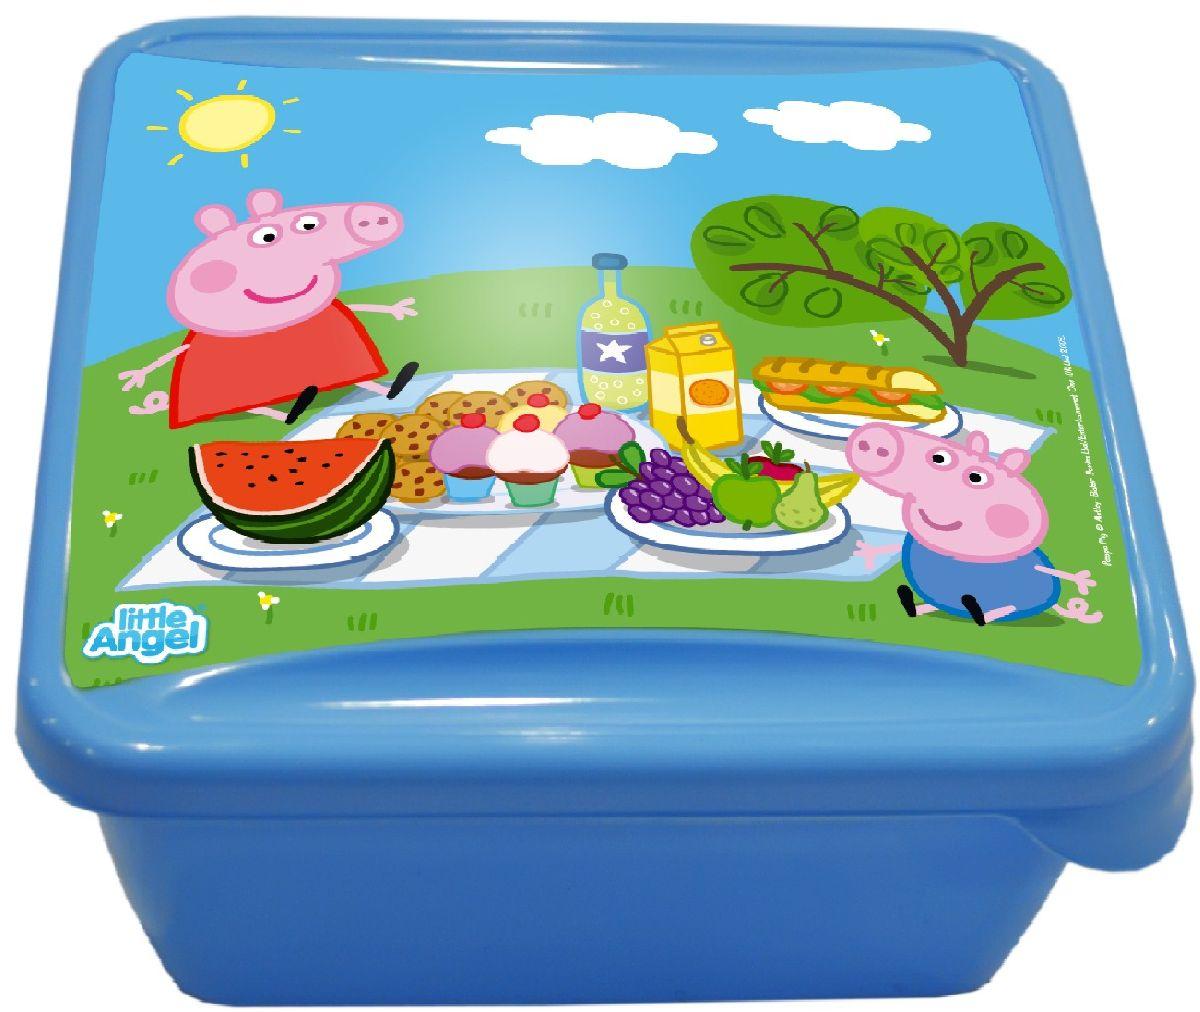 Ланч-бокс Little Angel Mini. Свинка Пеппа, цвет: голубой, 0,45 лVT-1520(SR)Наш универсальный ланч-бокс можно использовать как для хранения пищи в холодильнике, так и для того, чтобы брать с собой перекус на работу, в школу, на прогулку. Плотная защелка предотвратит ланч-бокс от открывания.